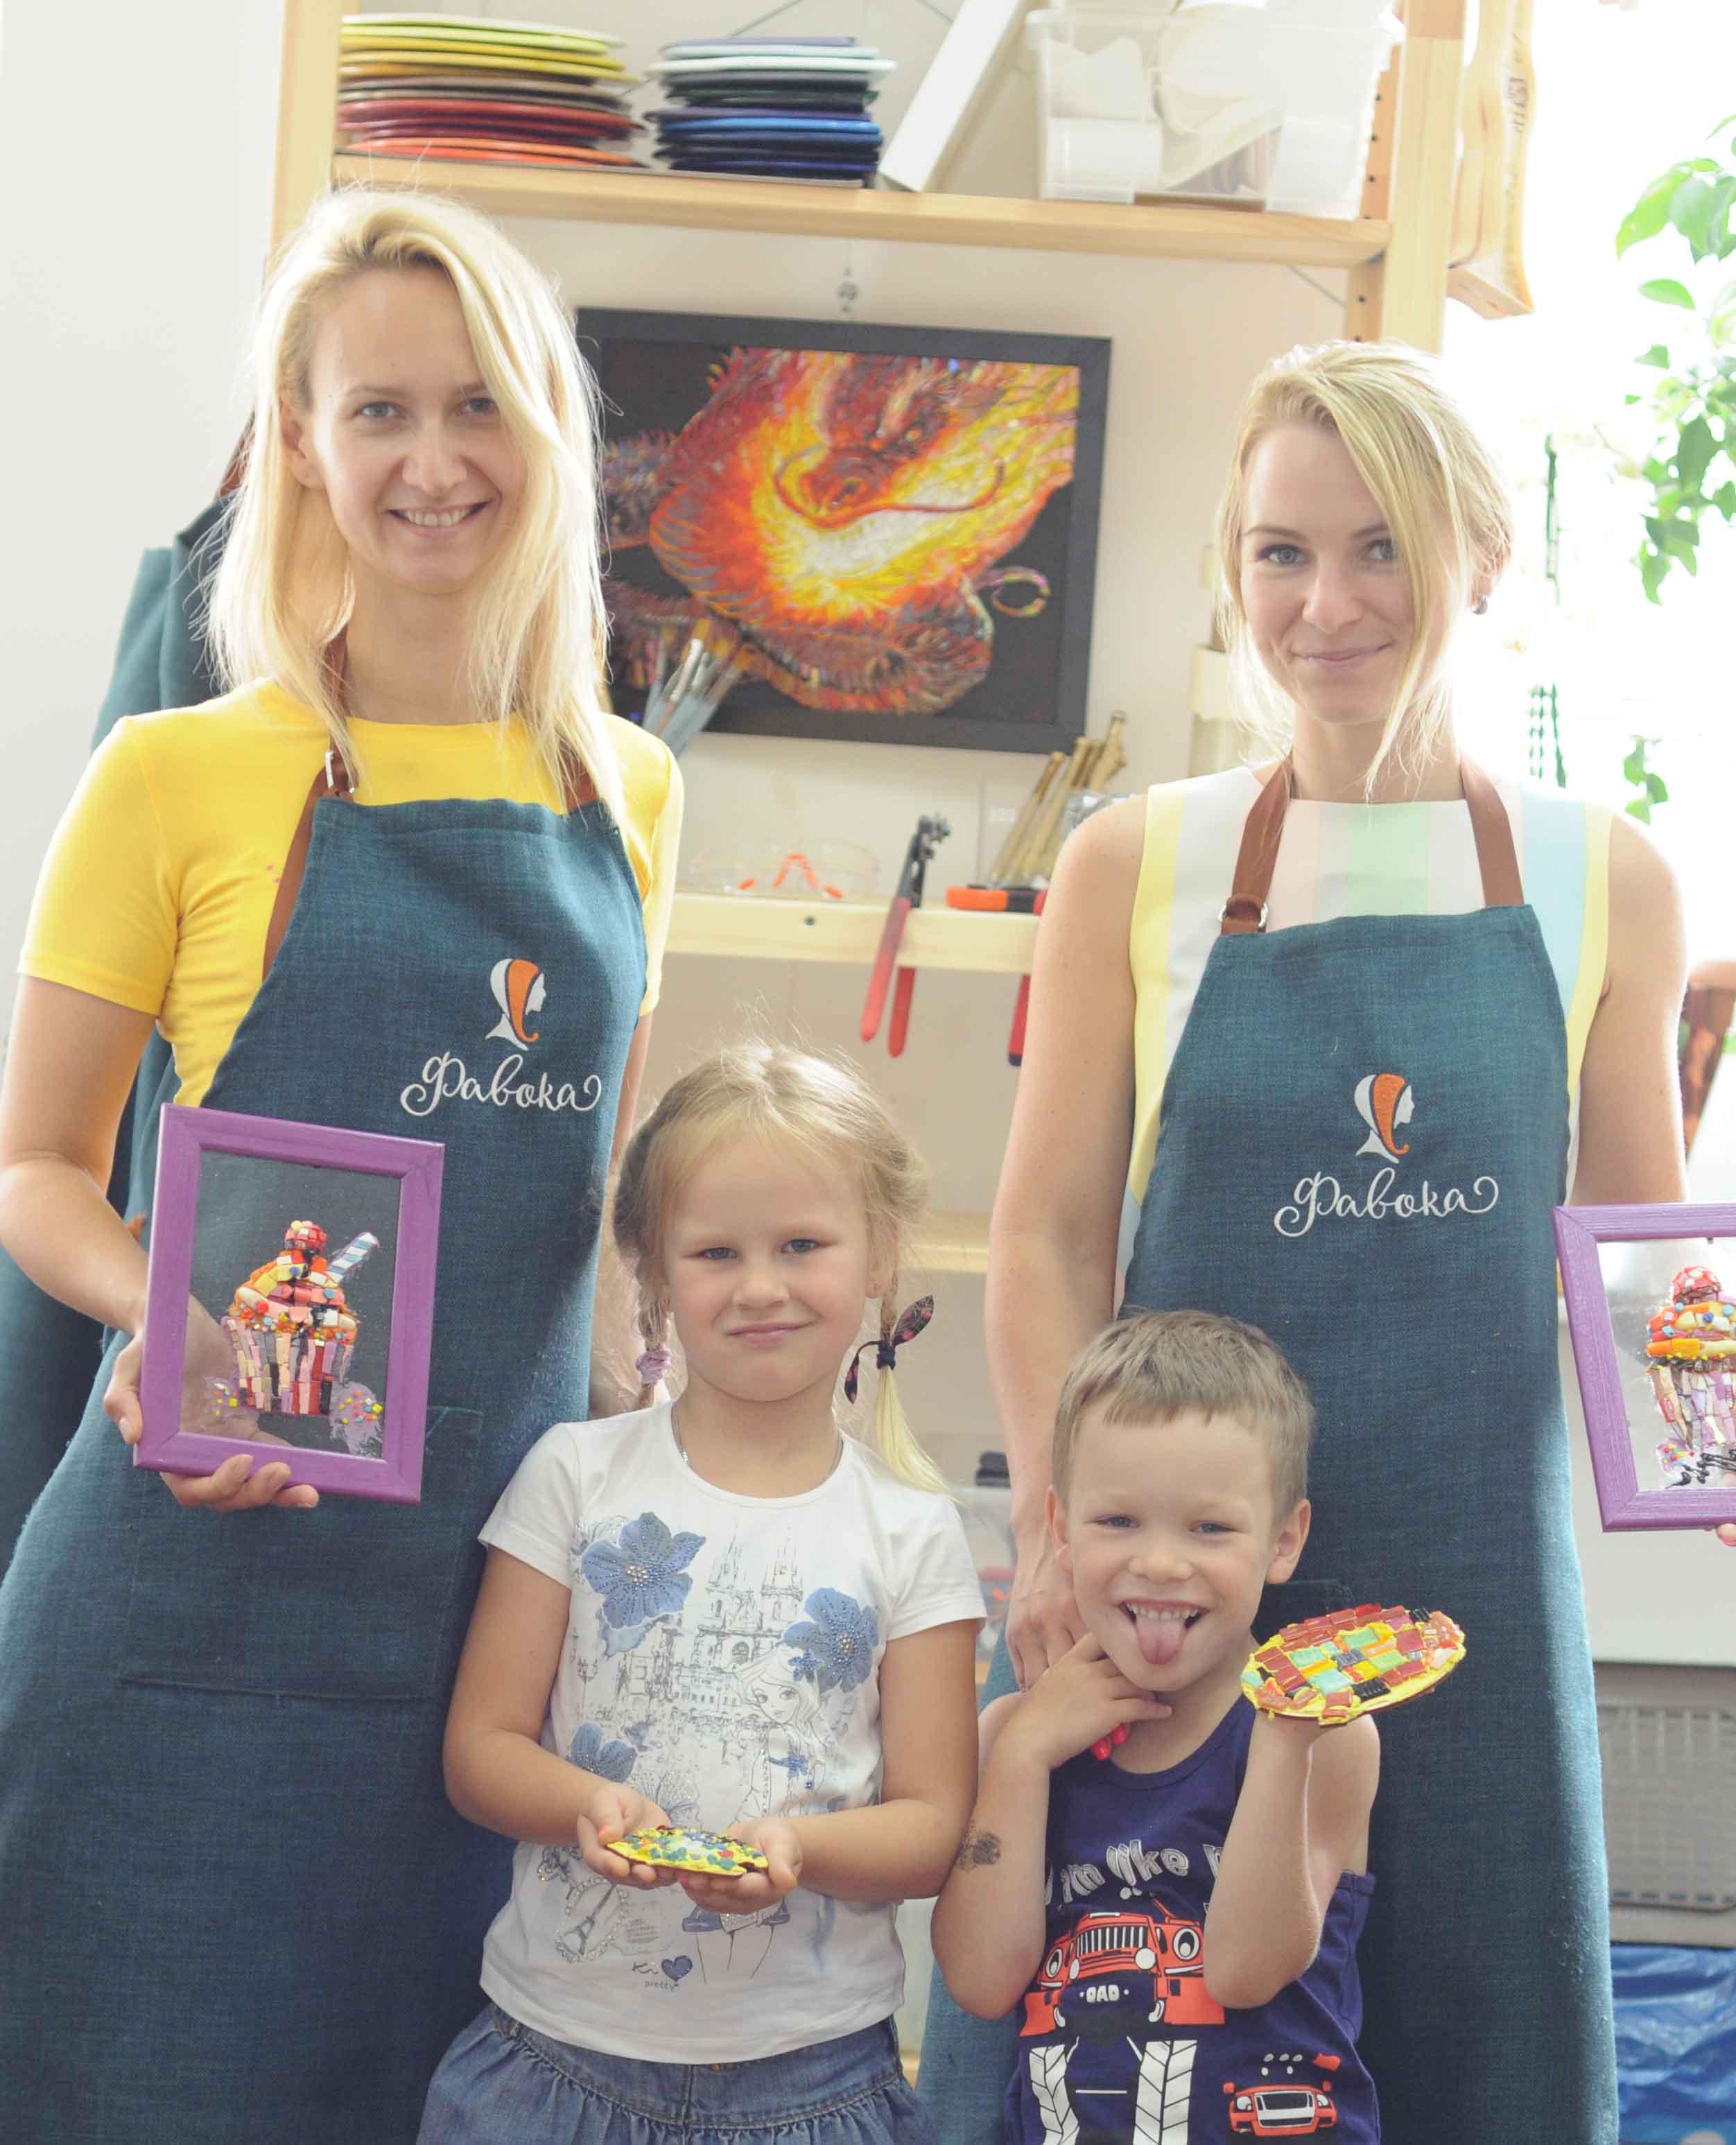 """Наши ученицы со своими детьми показывают свои поделки, на которых изображены красивейшие сладкие эскиз - сочные пирожные и коктейли, сделанные из мозаики, после нашего мастер-класса """"Пирожное""""."""